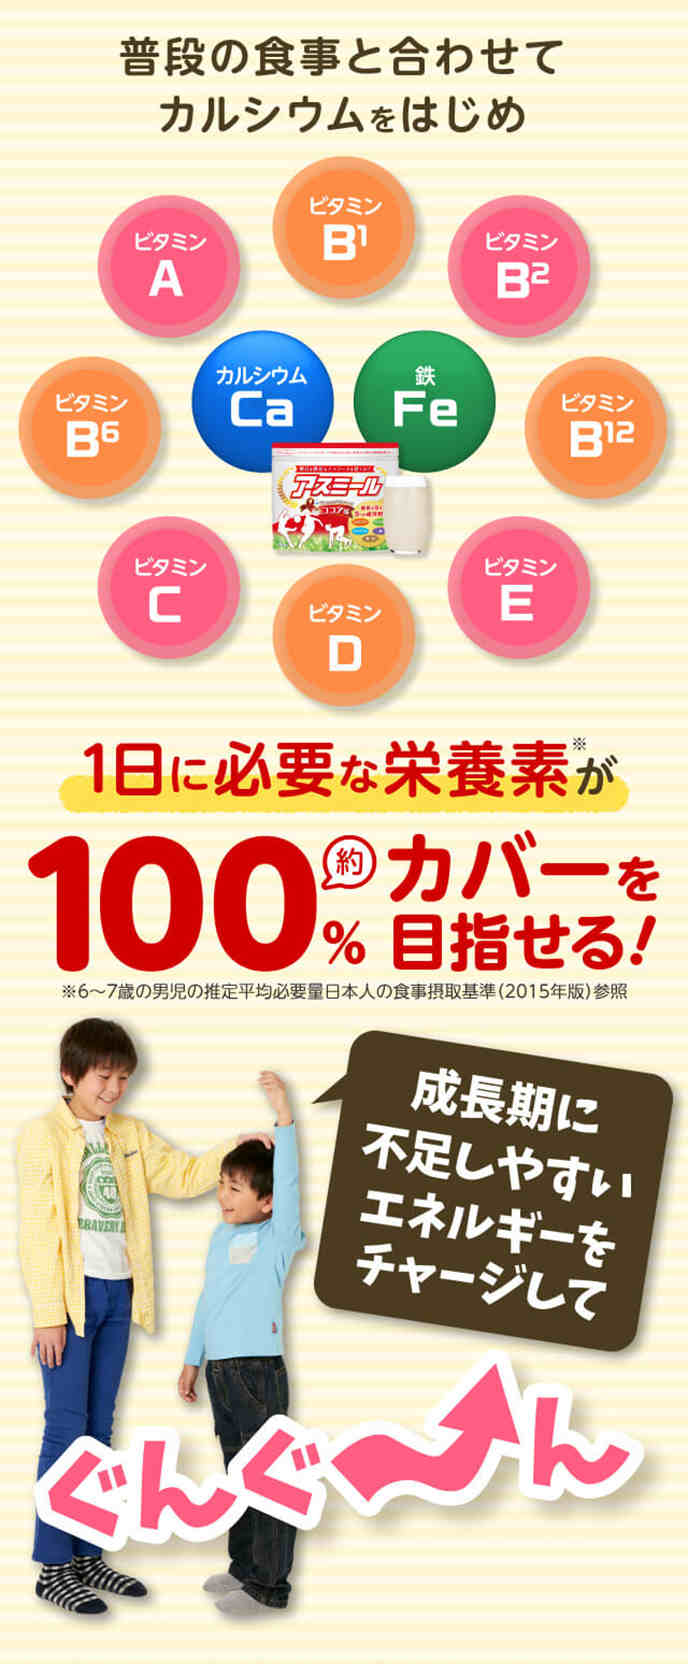 Sữa tăng chiều cao Nhật Bản - Sữa Asumiru cho trẻ từ 3 đến 16 tuổi-Japanstore_vn 08-1